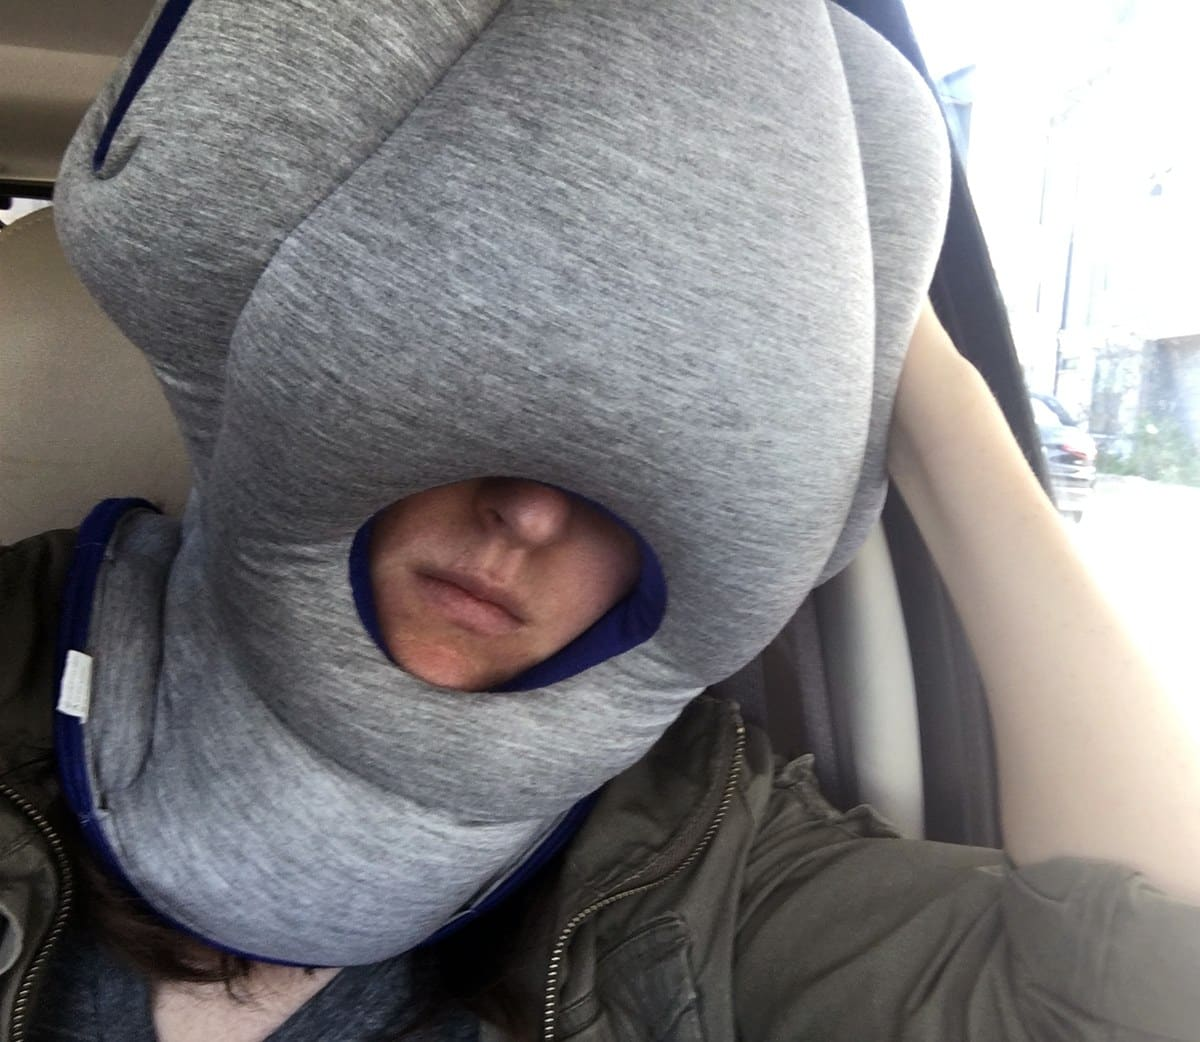 Ostrich Pillow Video. Ostrich Pillow Travel Pillow Review